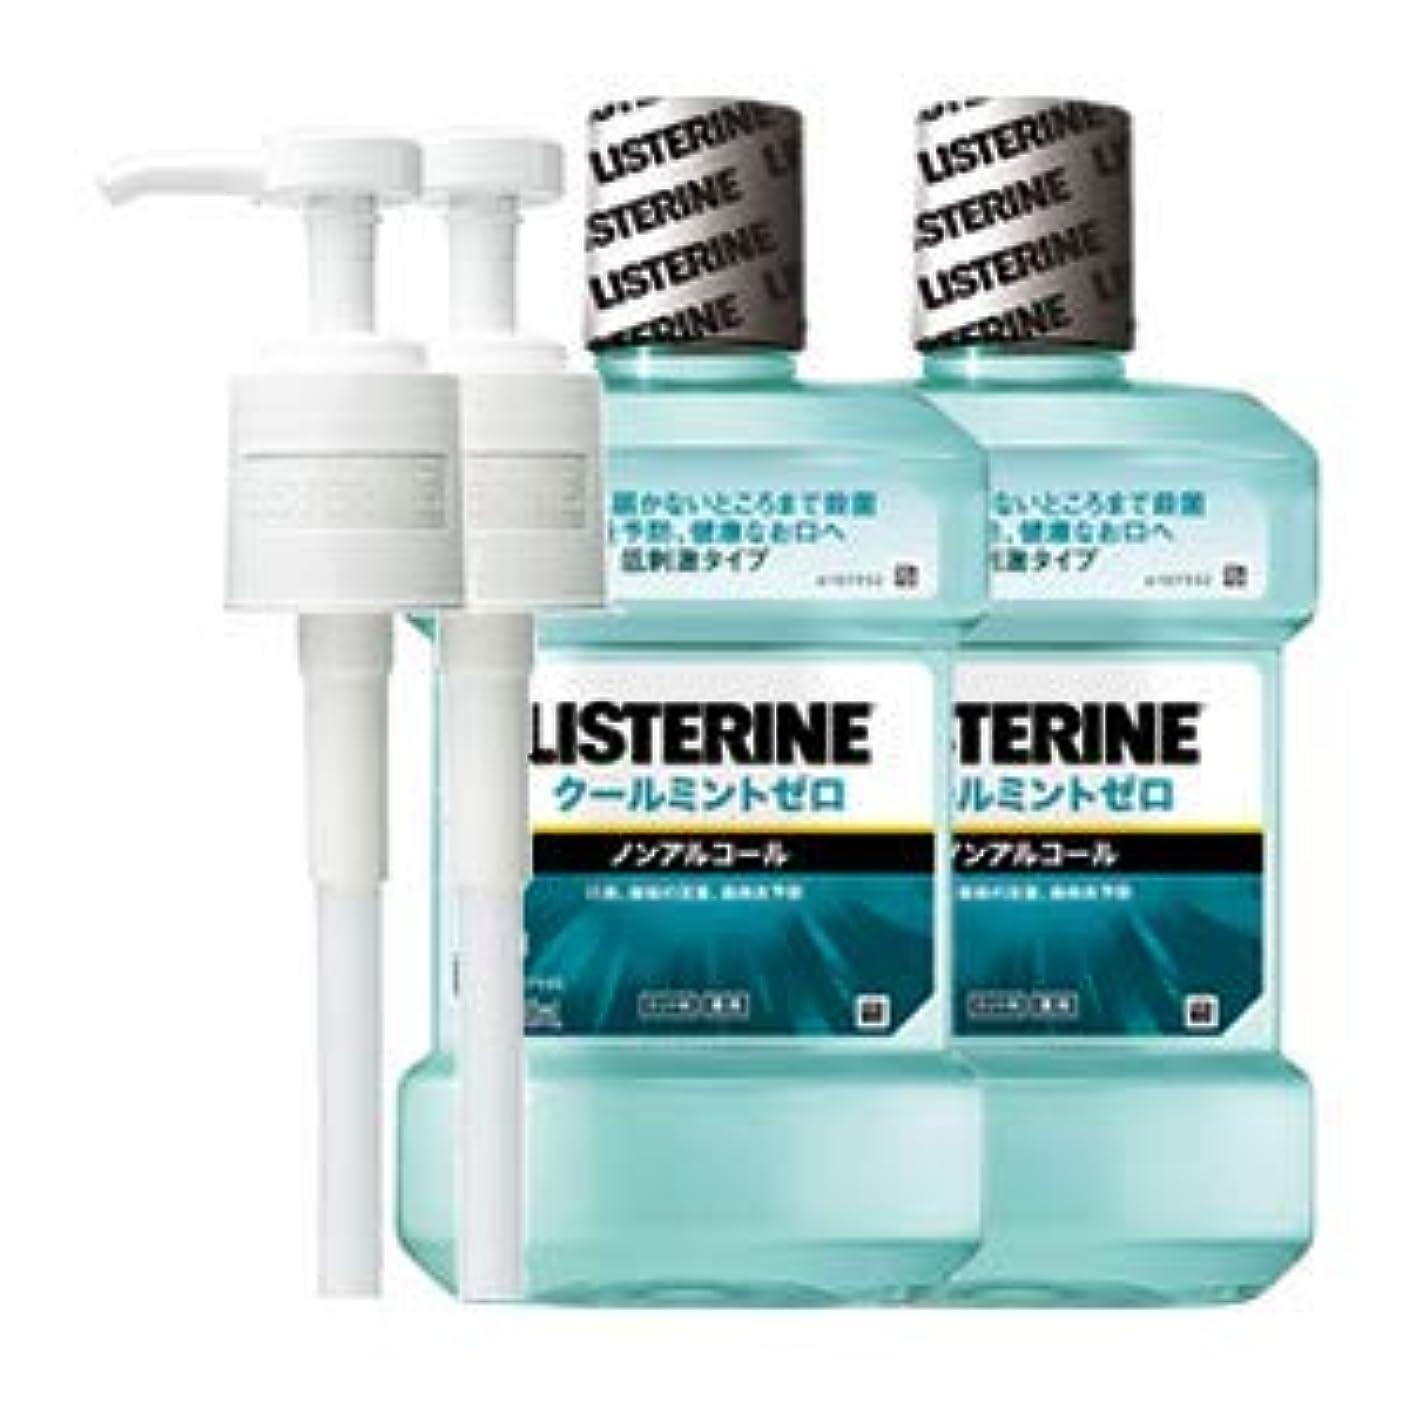 ファイバプレミアムリスク薬用 リステリン クールミント ゼロ (マウスウォッシュ/洗口液) 1000mL 2点セット (ポンプ付)